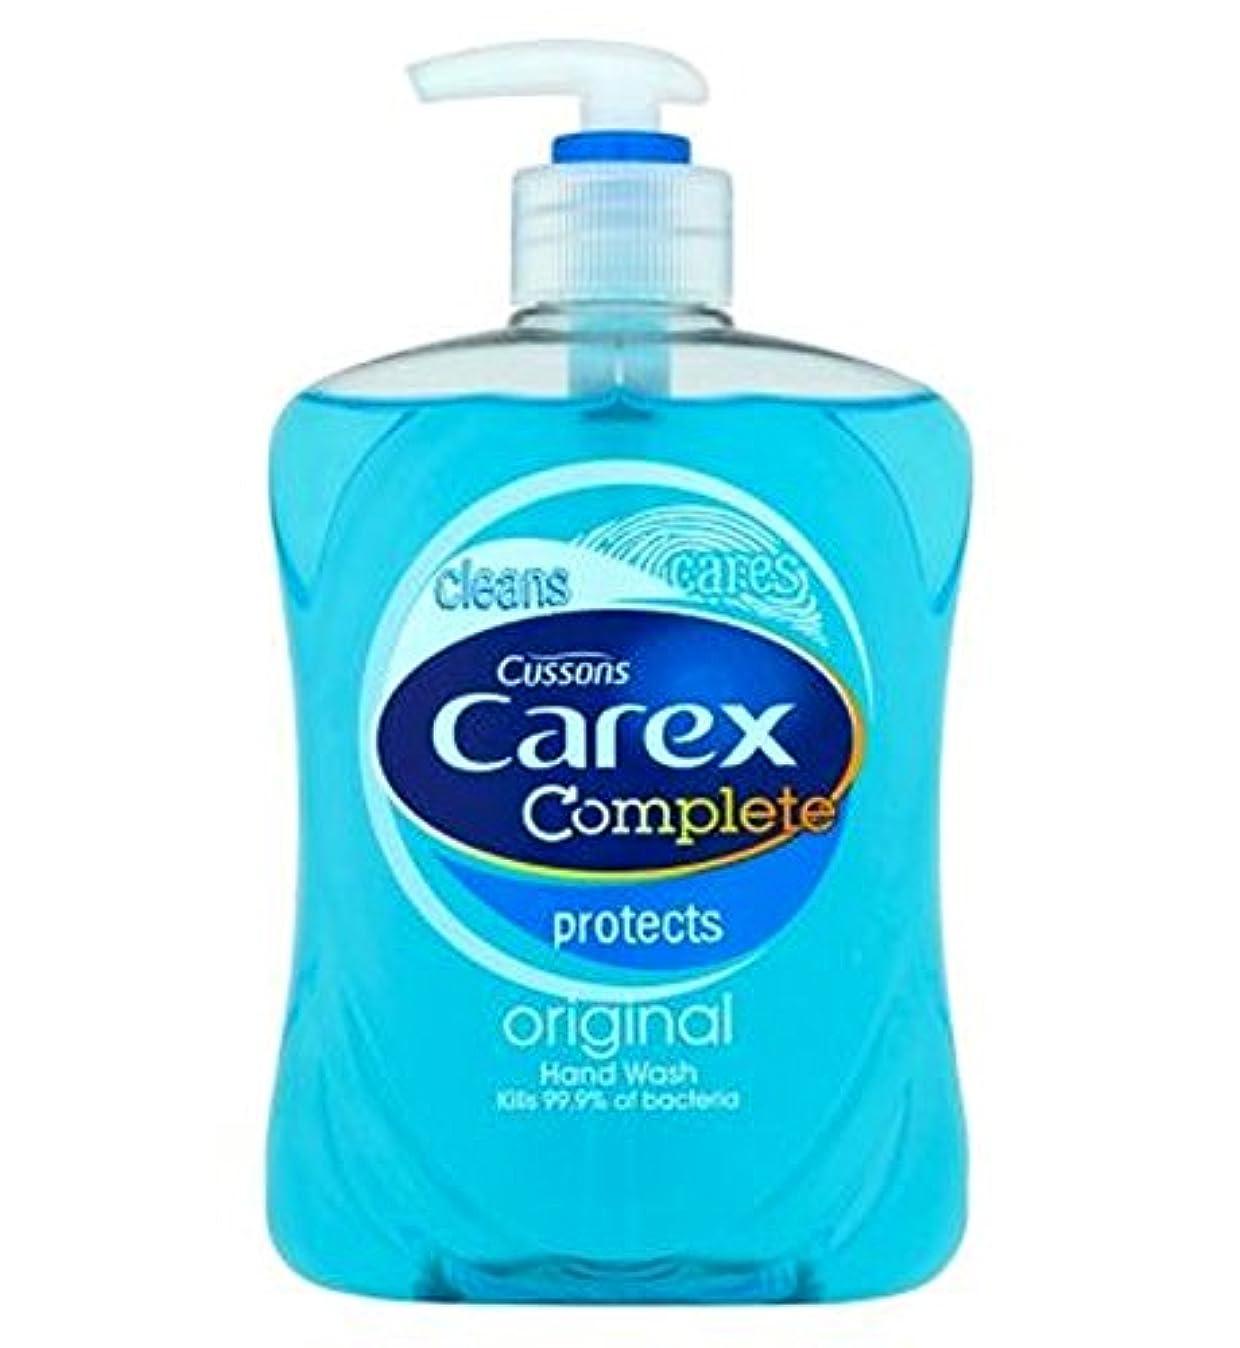 こするアラビア語嫌なCarex Complete Original Hand Wash 500ml - スゲ属の完全オリジナルのハンドウォッシュ500ミリリットル (Carex) [並行輸入品]